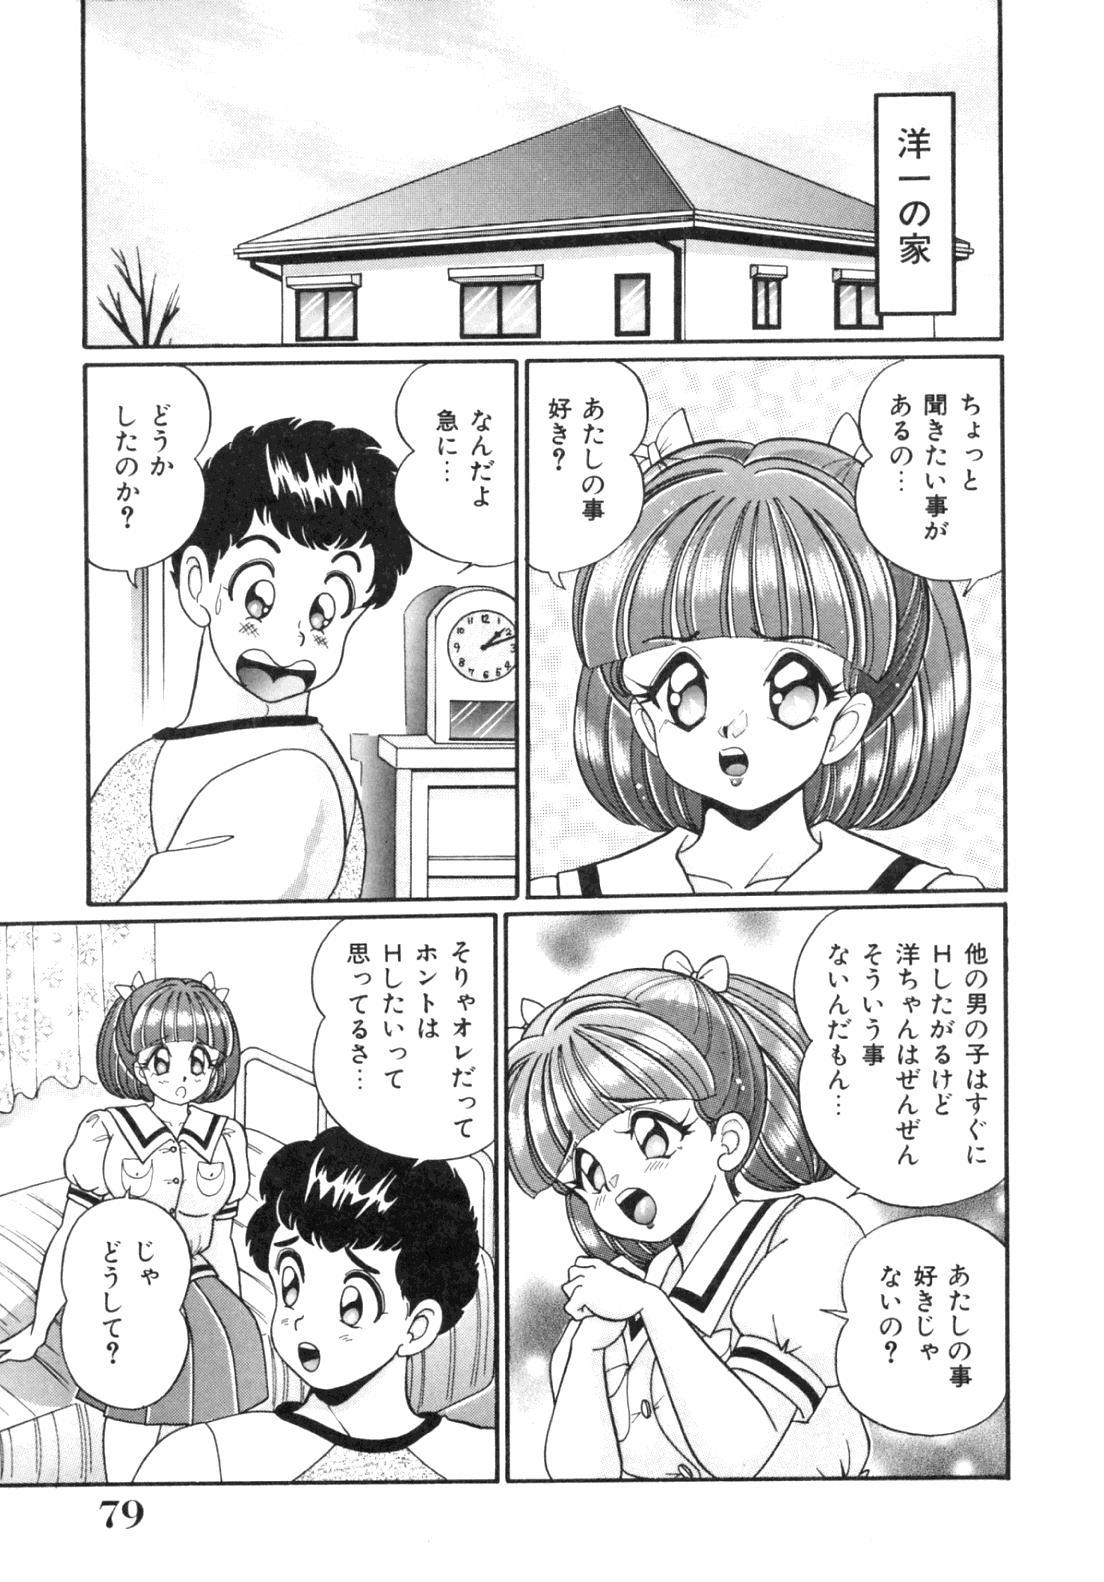 [Watanabe Wataru] Tonari no Onee-san - Sister of Neighborhood 80